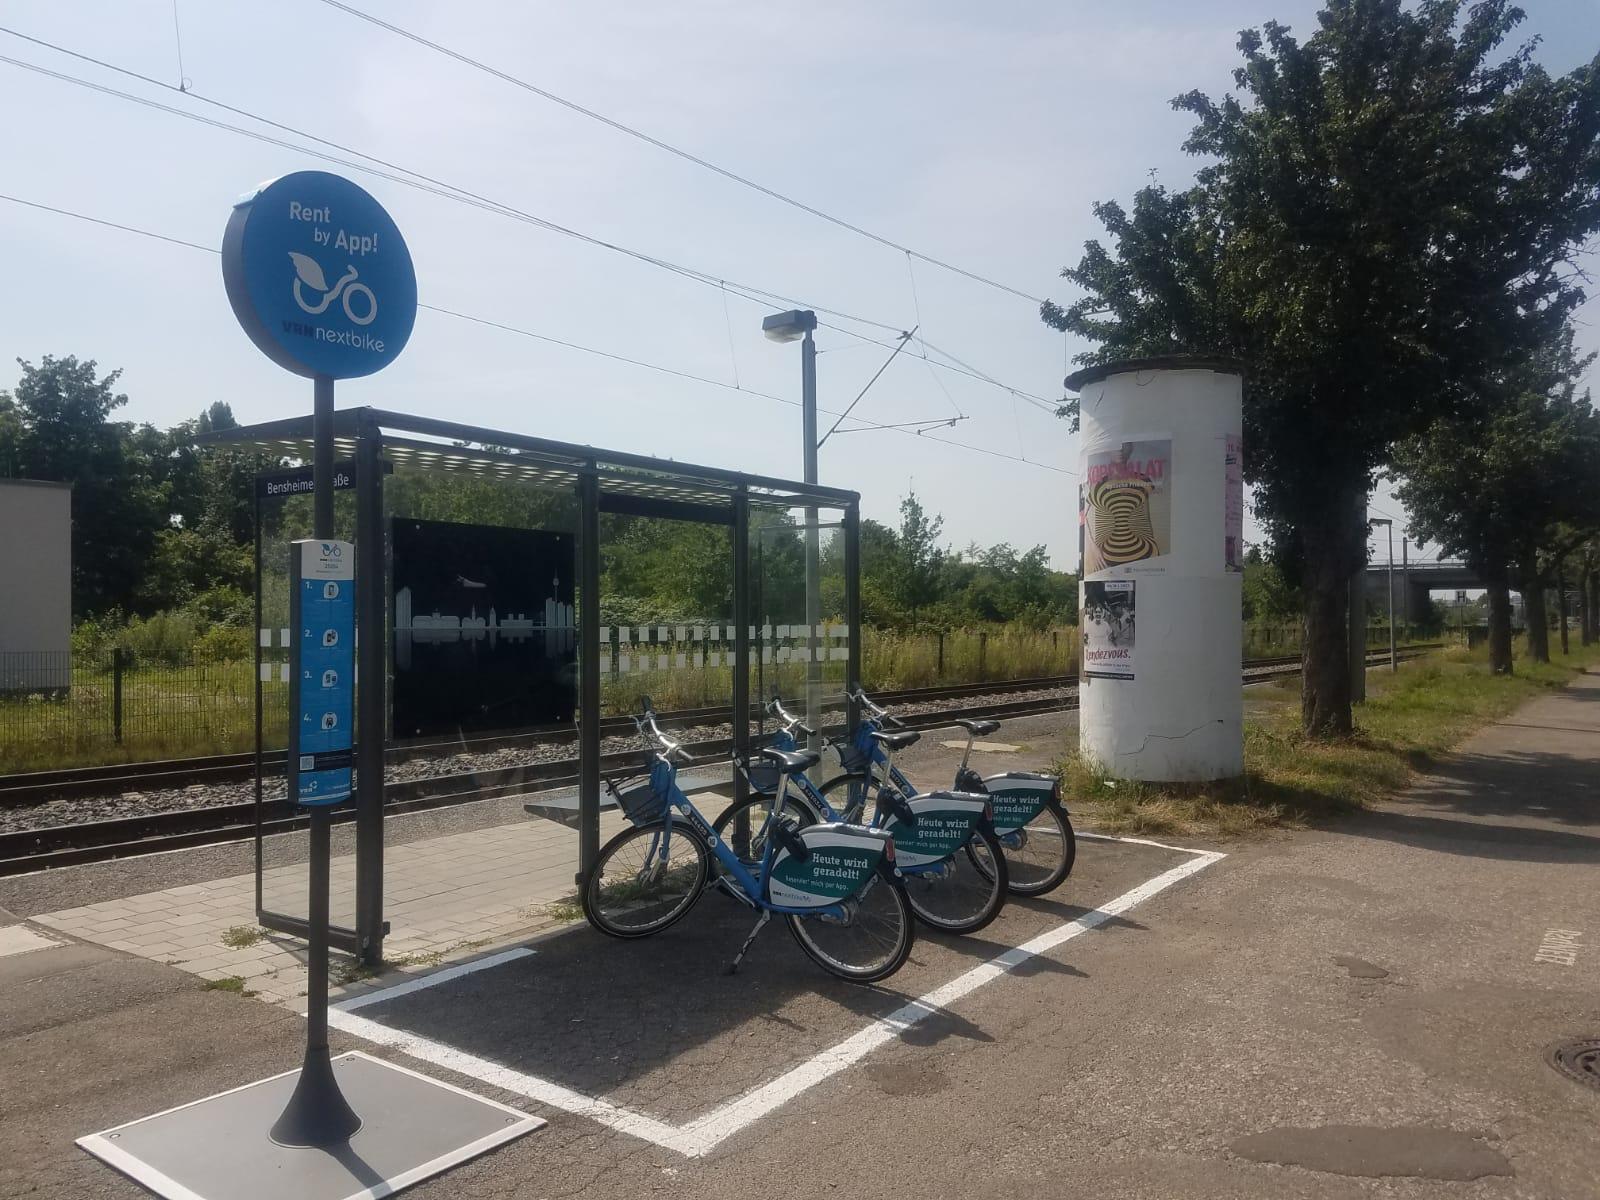 VRNnextbike-Station